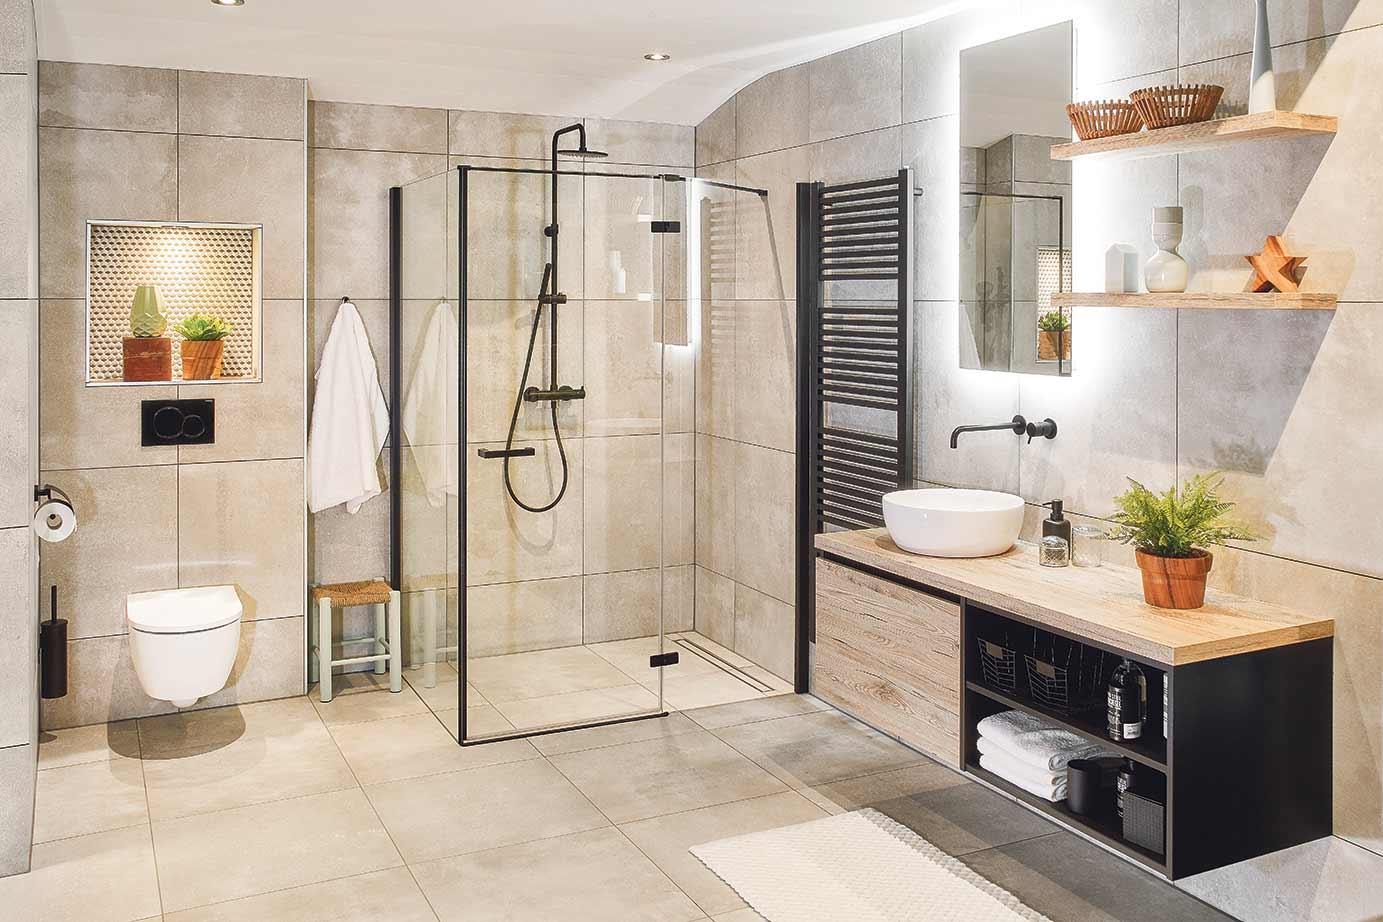 Waar Badkamermeubel Kopen : Badkamer kopen ruime keus vele stijlen en lage prijzen db keukens